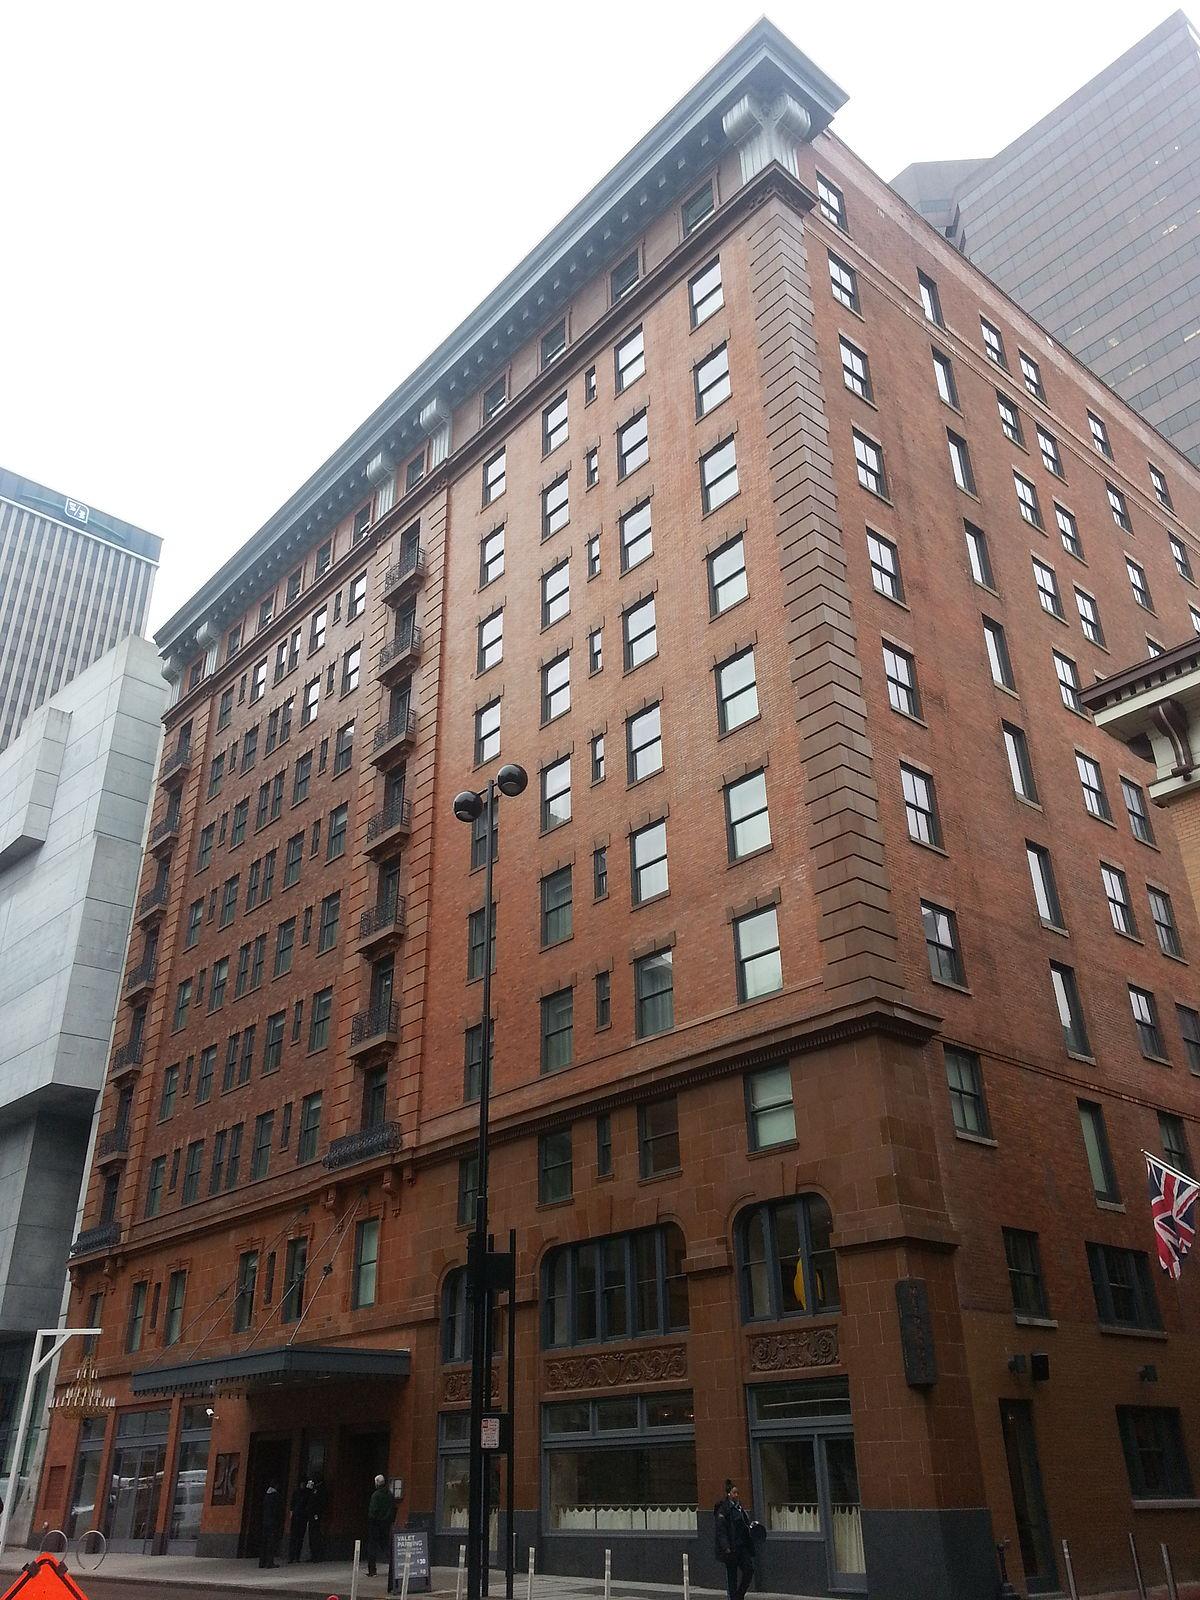 Hotel Metropole (Cincinnati, Ohio)